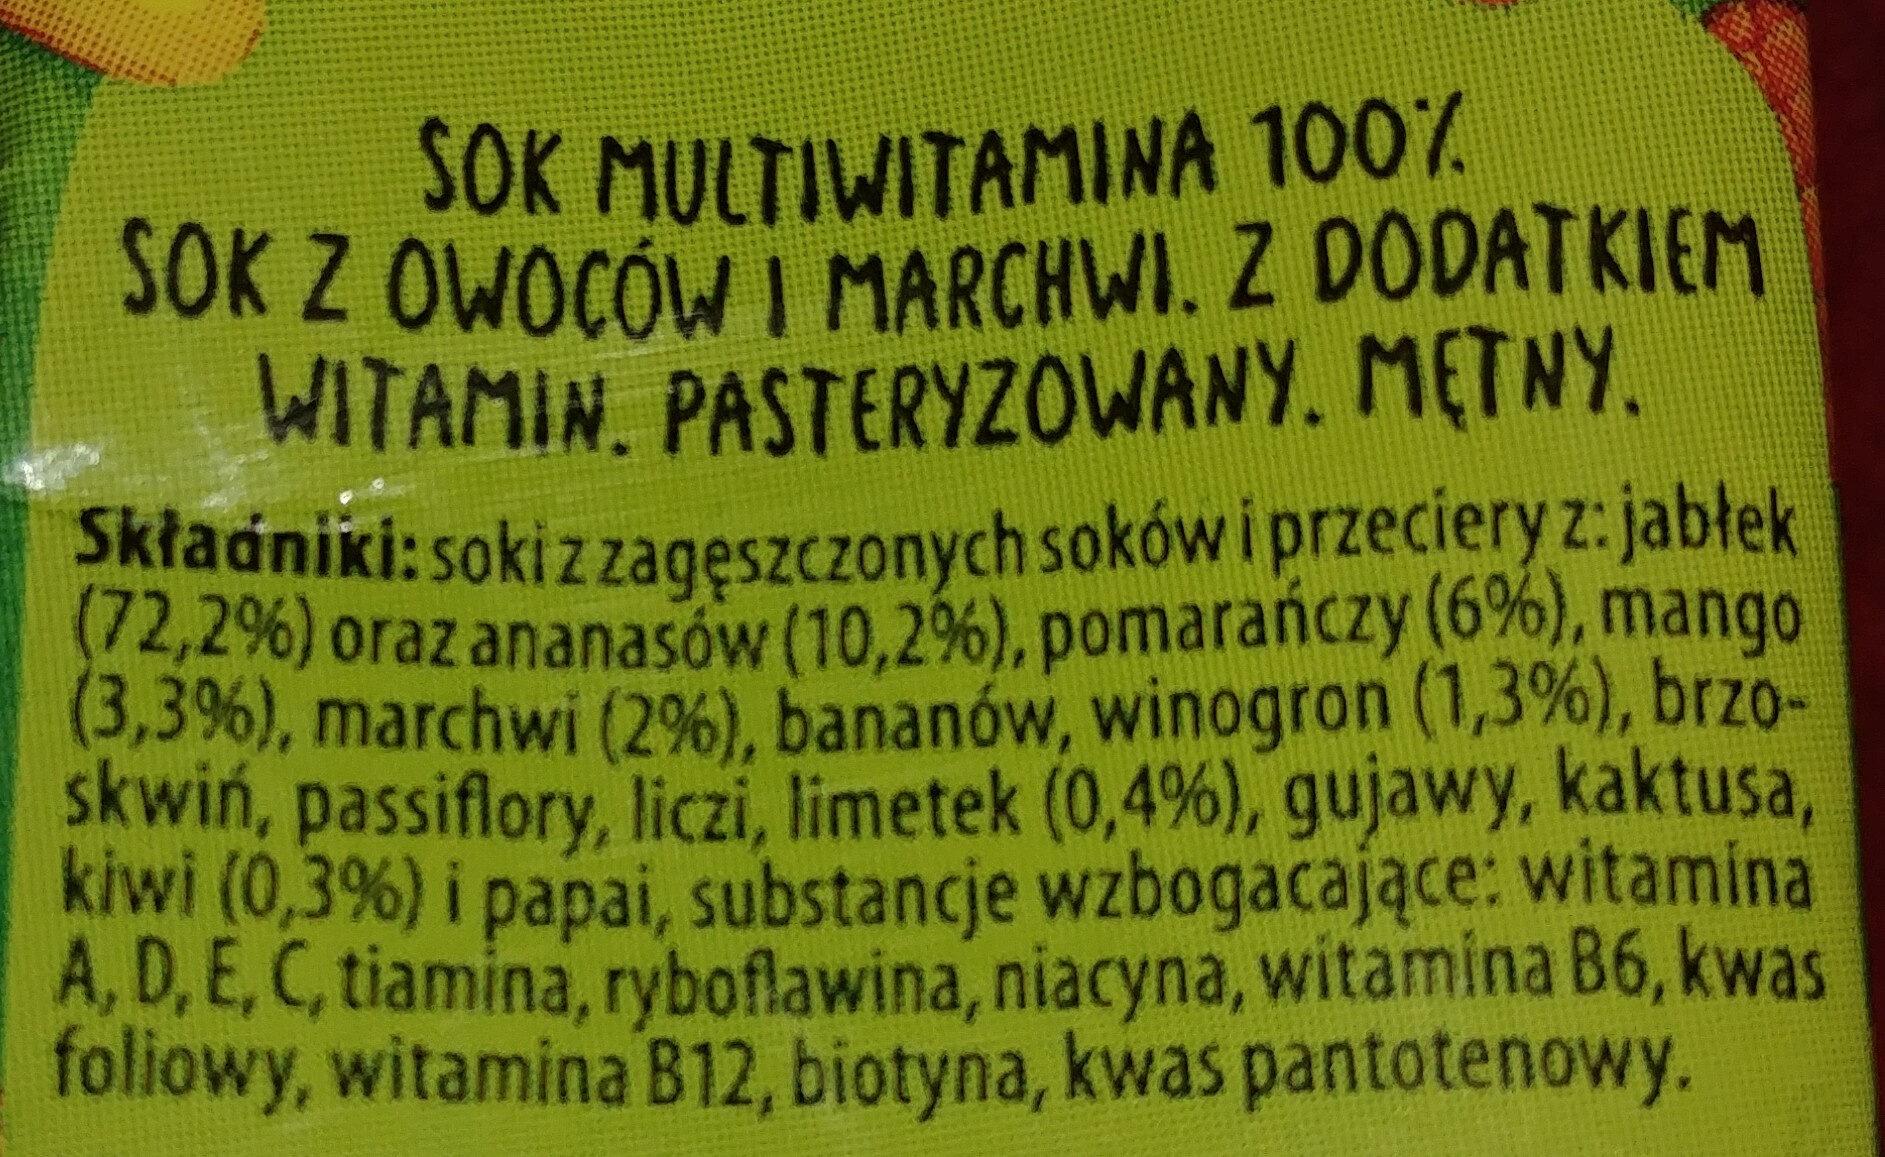 100% sok multiwitamina z dodatkiem witamin - Składniki - pl